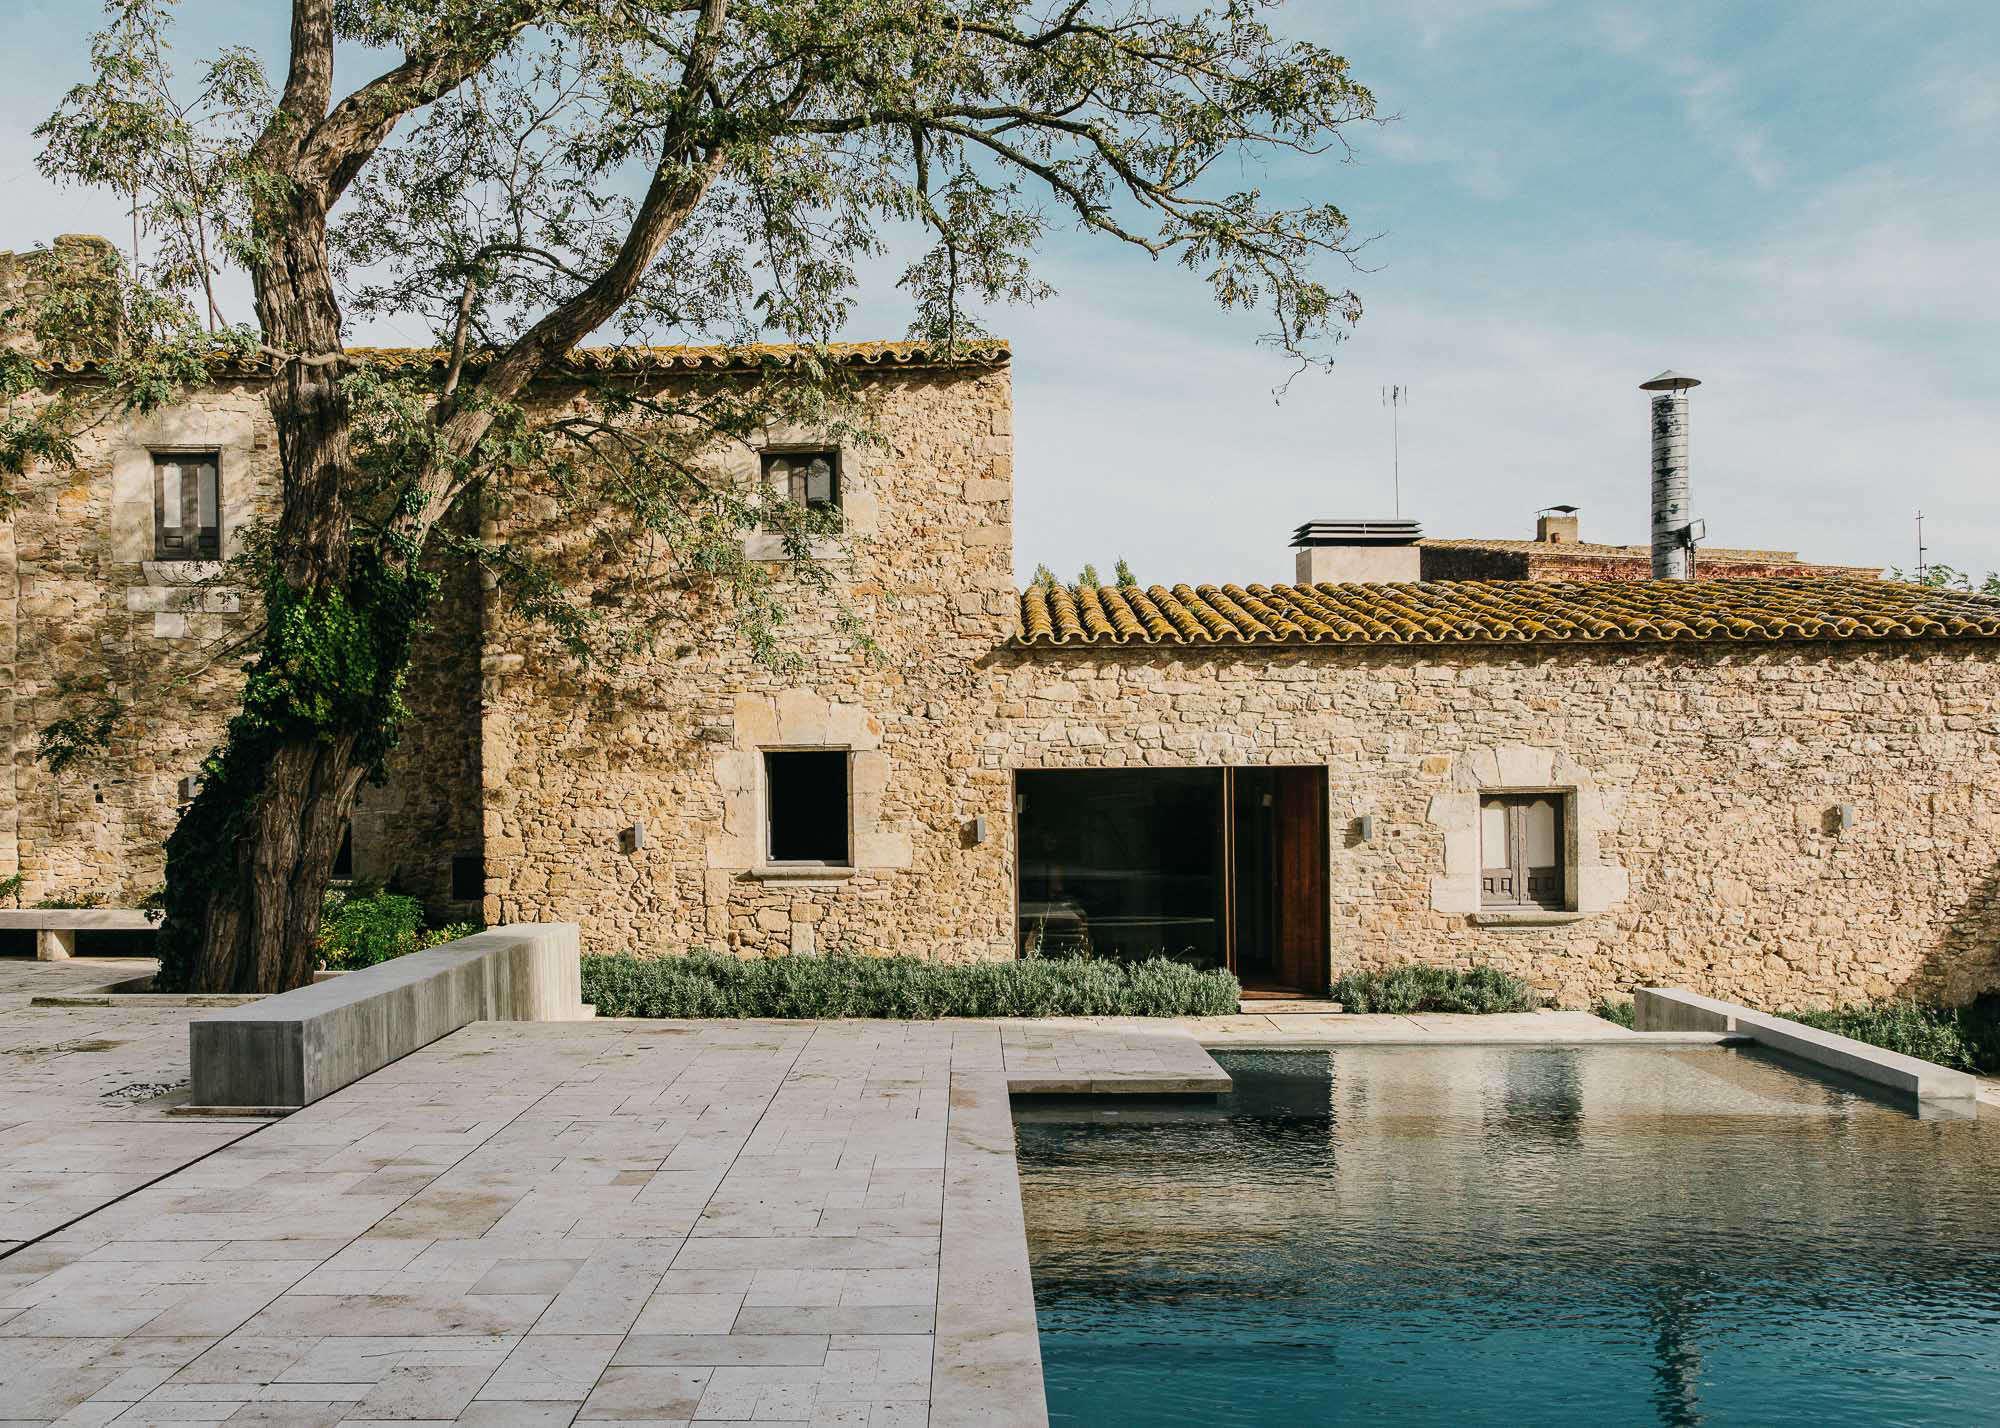 Castell-de-peratallada-pool-gardenista-11